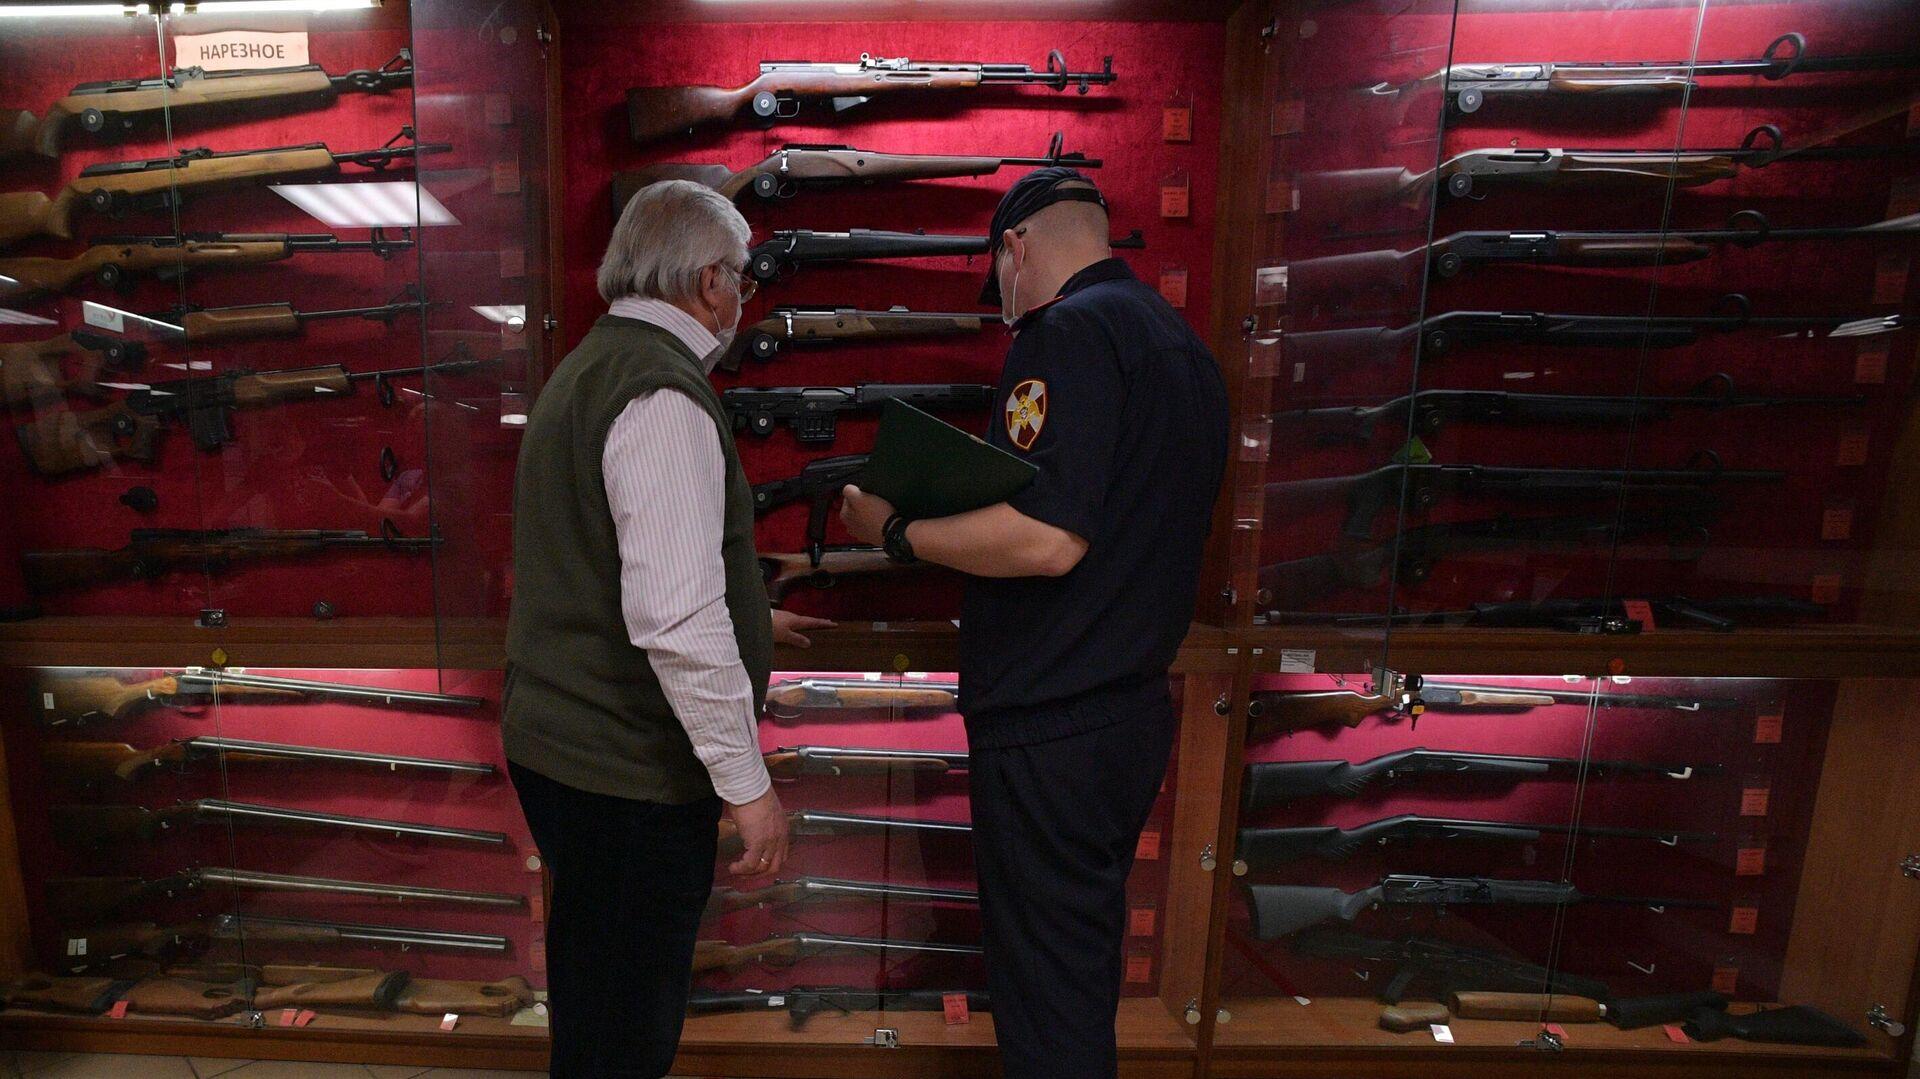 Сотрудник Росгвардии проводит проверку в оружейном магазине в Санкт-Петербурге - РИА Новости, 1920, 02.06.2021